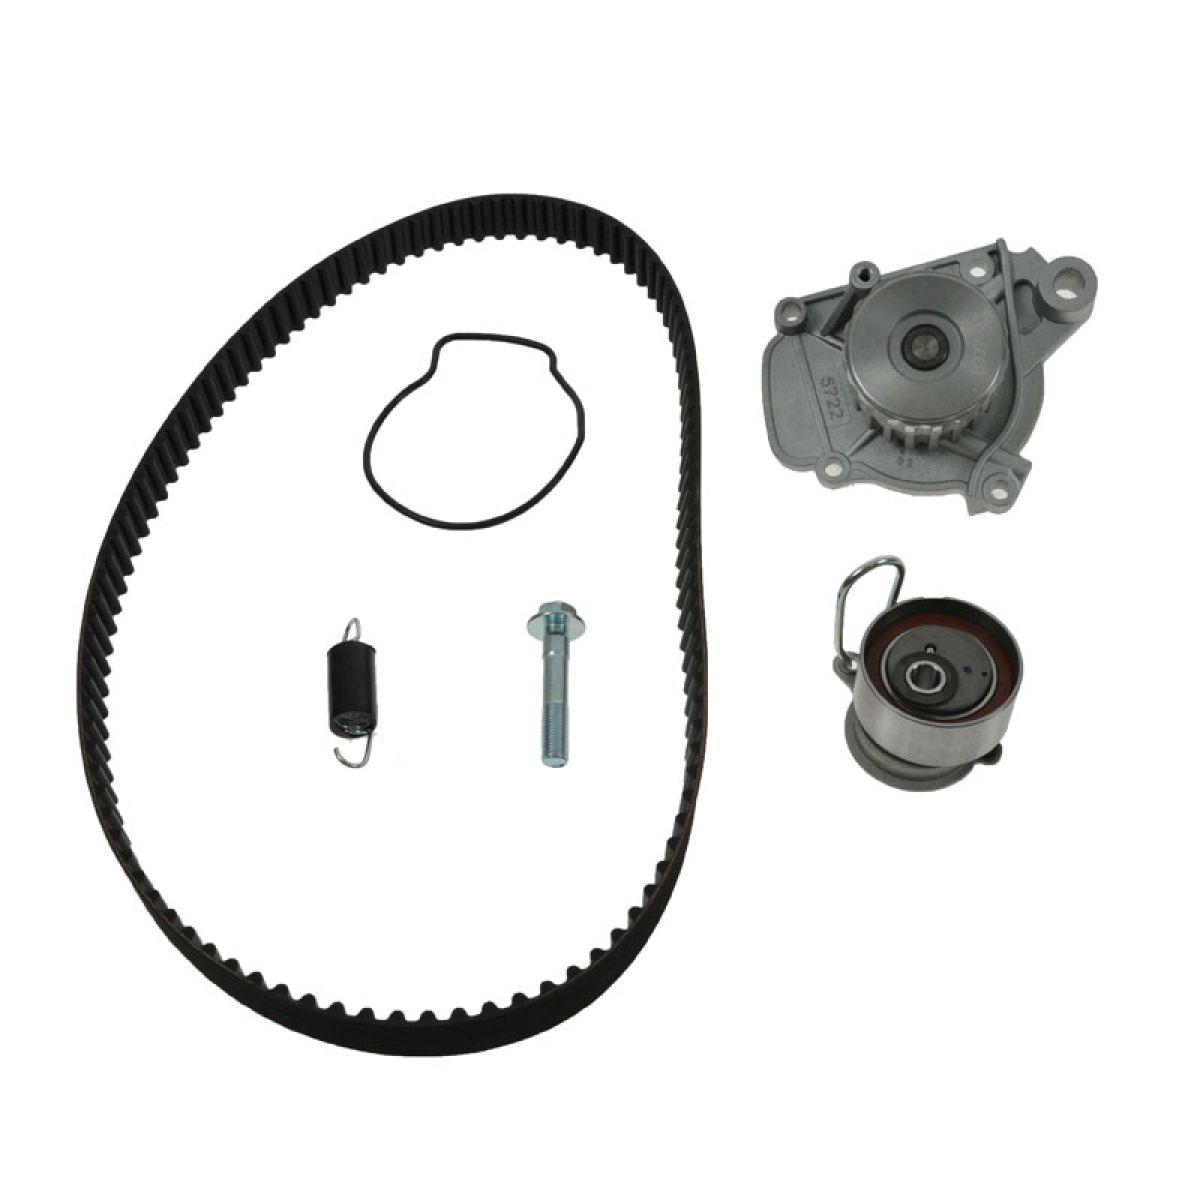 GATES Timing Belt Kit & Water Pump Set For 01-05 Honda Civic Acura EL